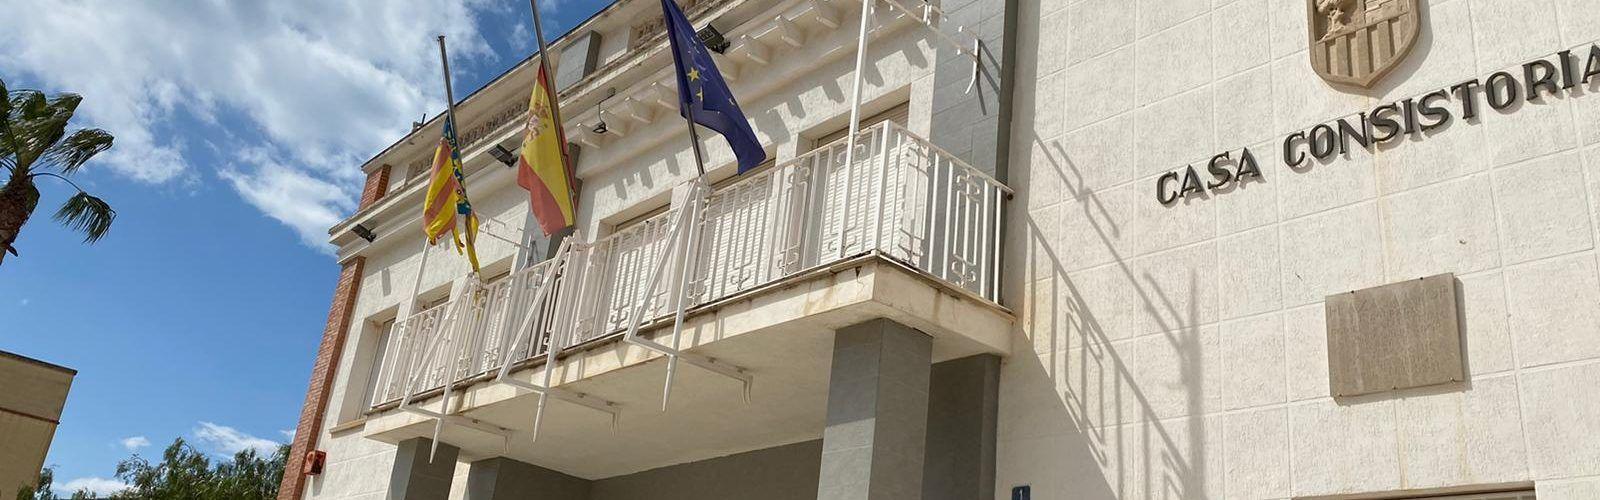 Diversos ajuntaments de Castelló hissen la bandera a mitja asta en senyal de duel per les víctimes del coronavirus